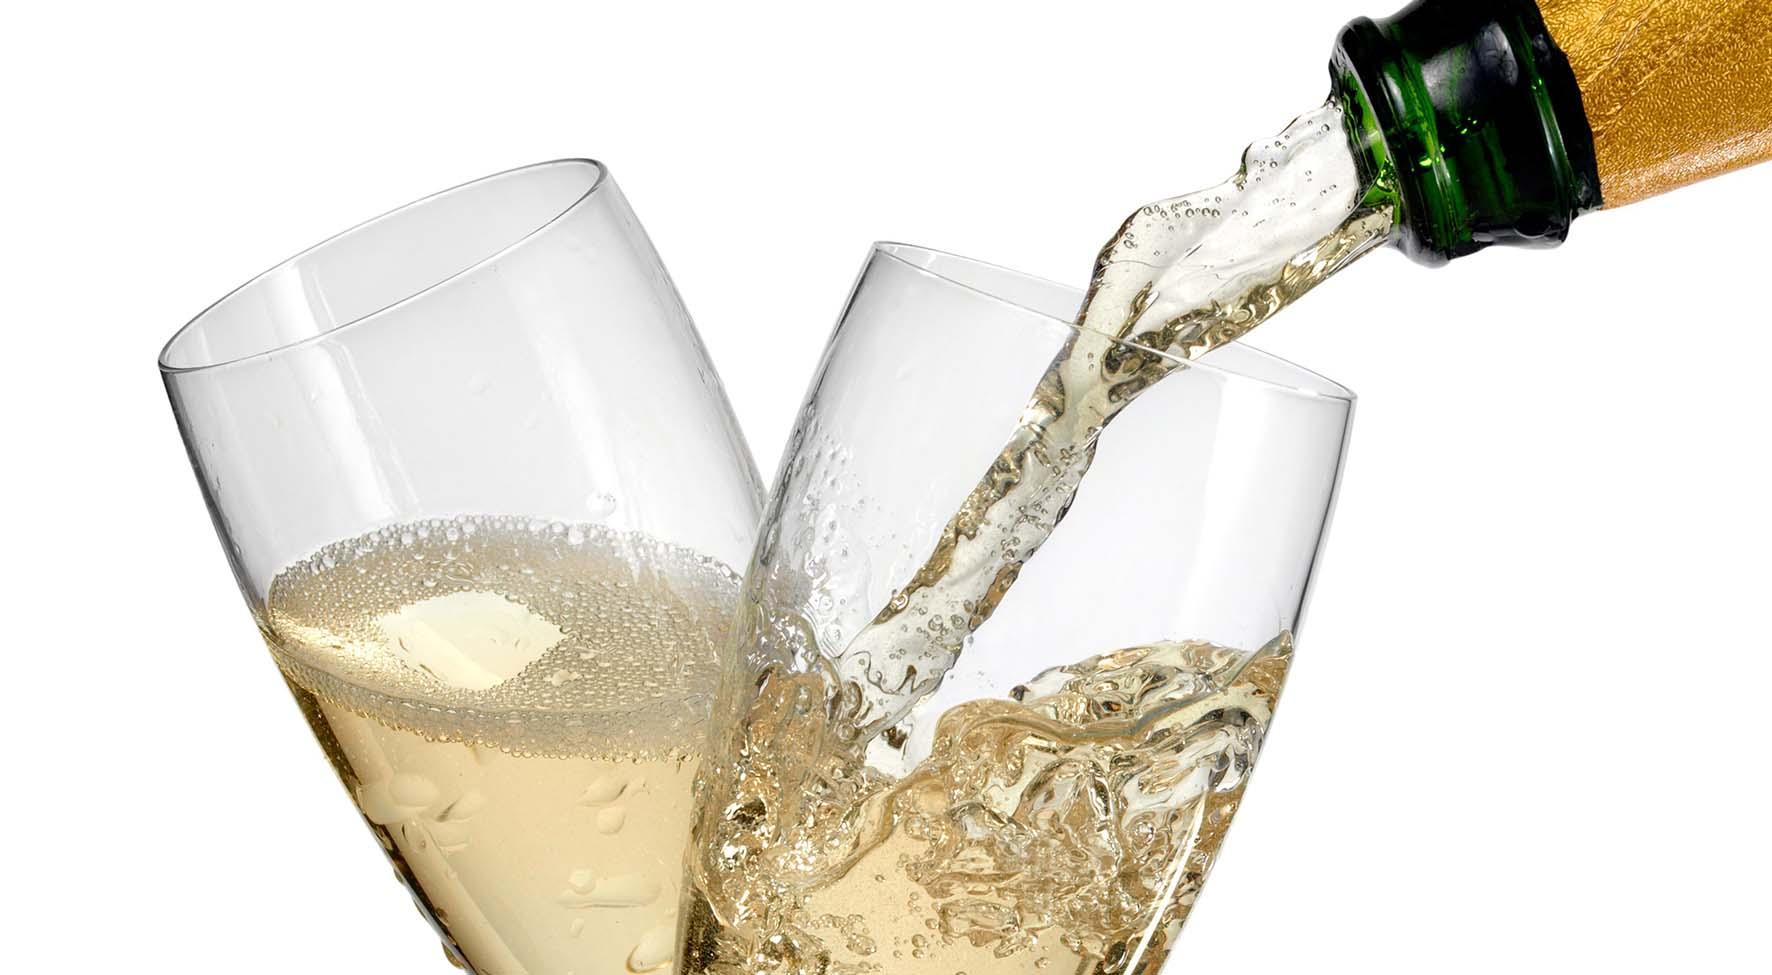 vino italiano spumante prosecco bollicine versamento in bicchieri shutterstock